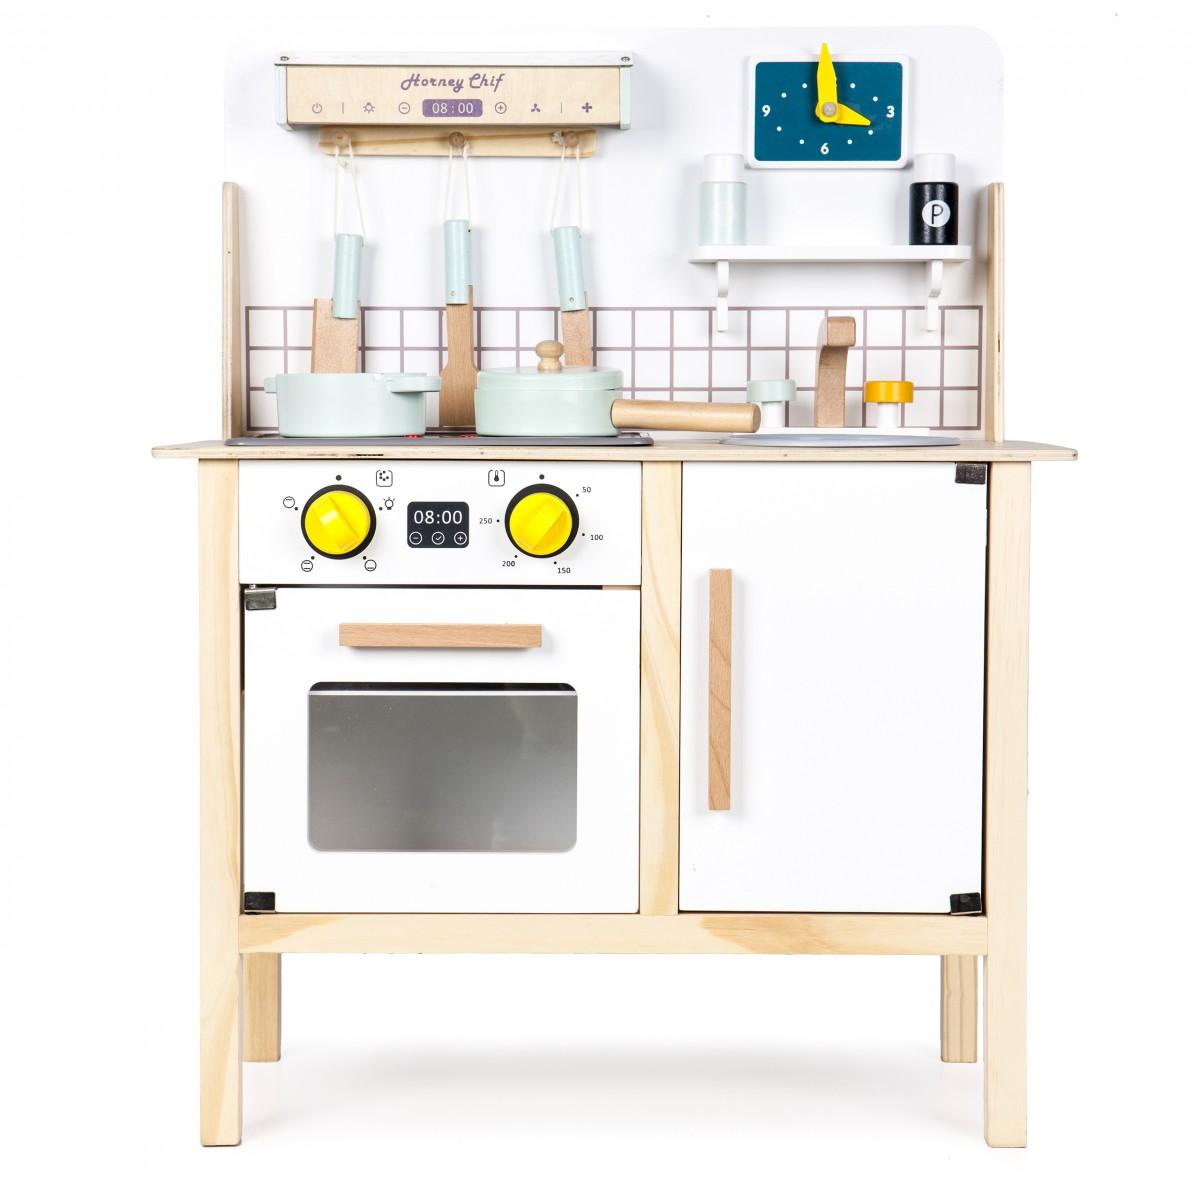 Drevená kuchynka pre deti EcoToys Breggo